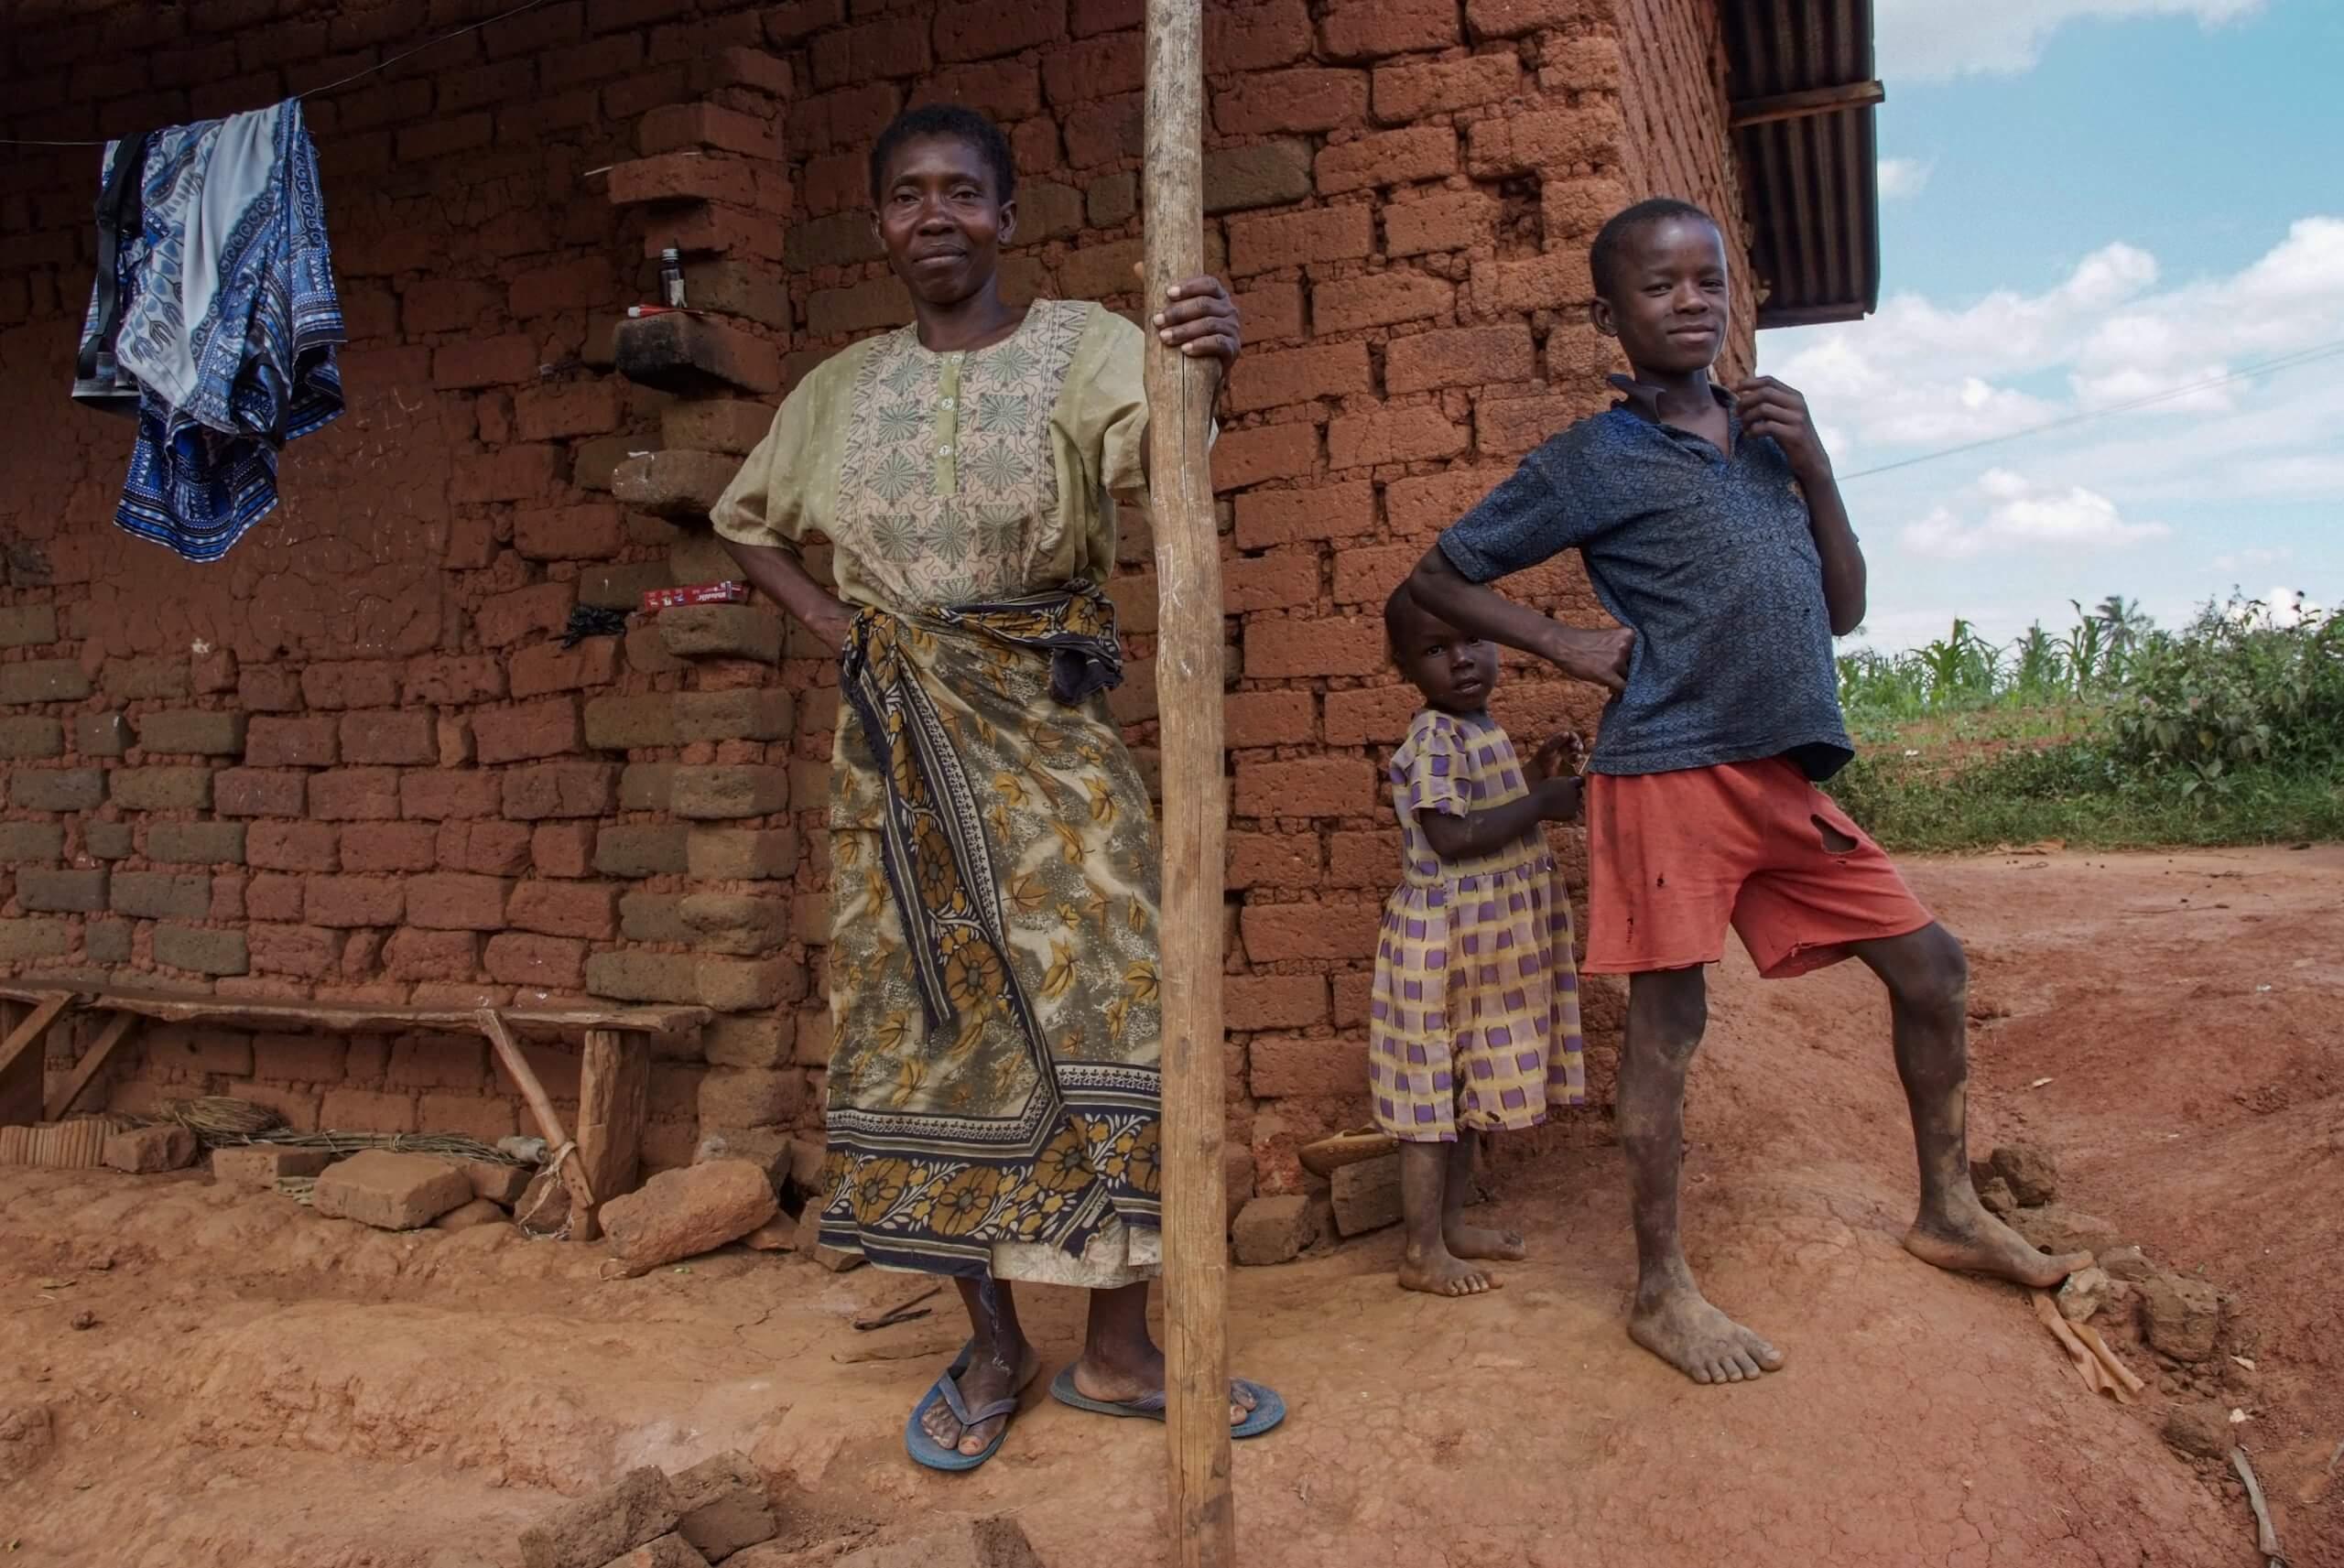 16 02 boerin trotsevrouw Mariamu Kipingu Muheza Tanzania 4516 scaled